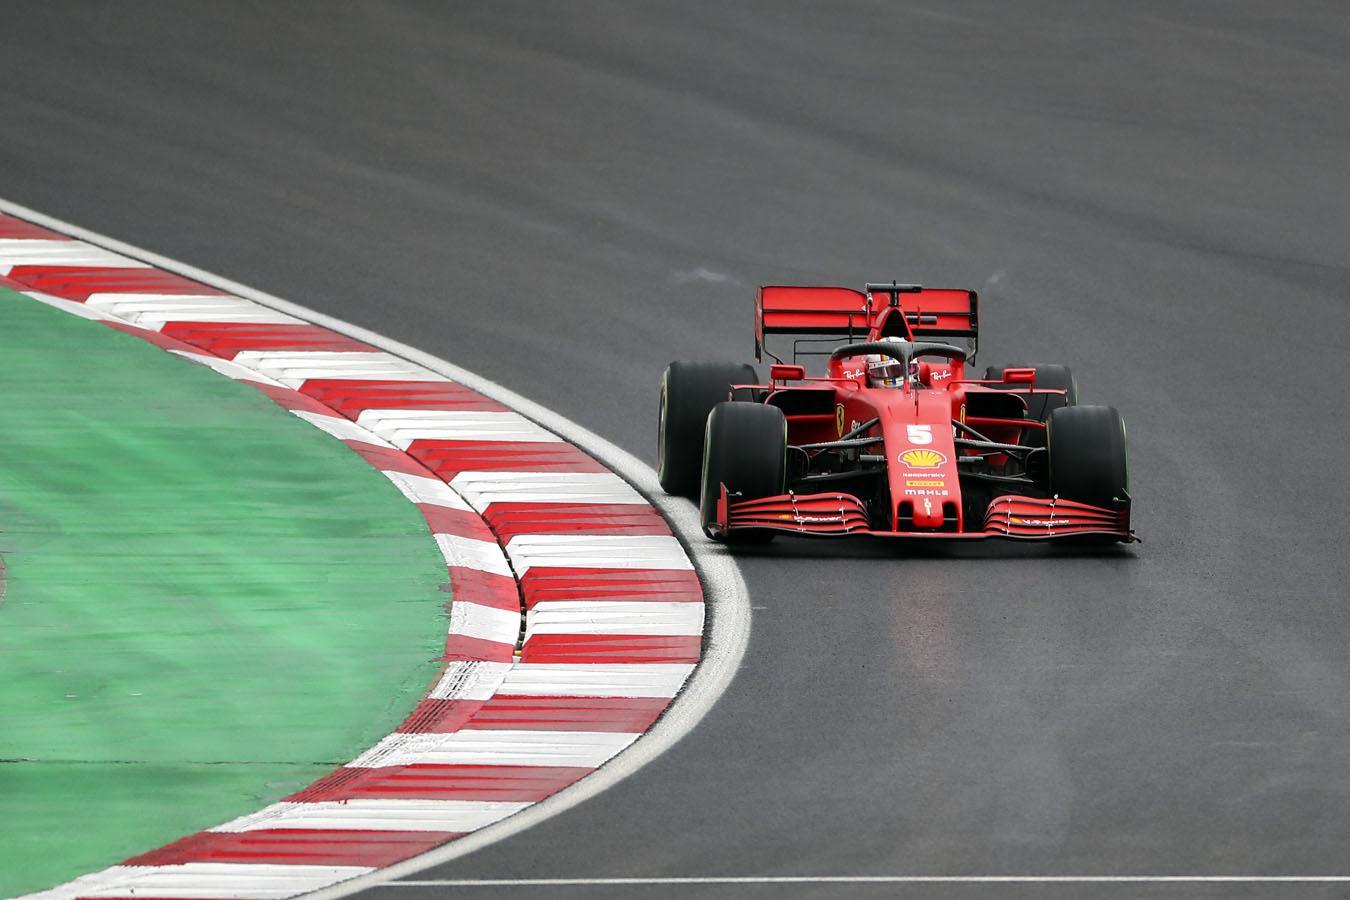 Formula 1 pilotları İstanbul Park'ta son antrenman turuna çıktı